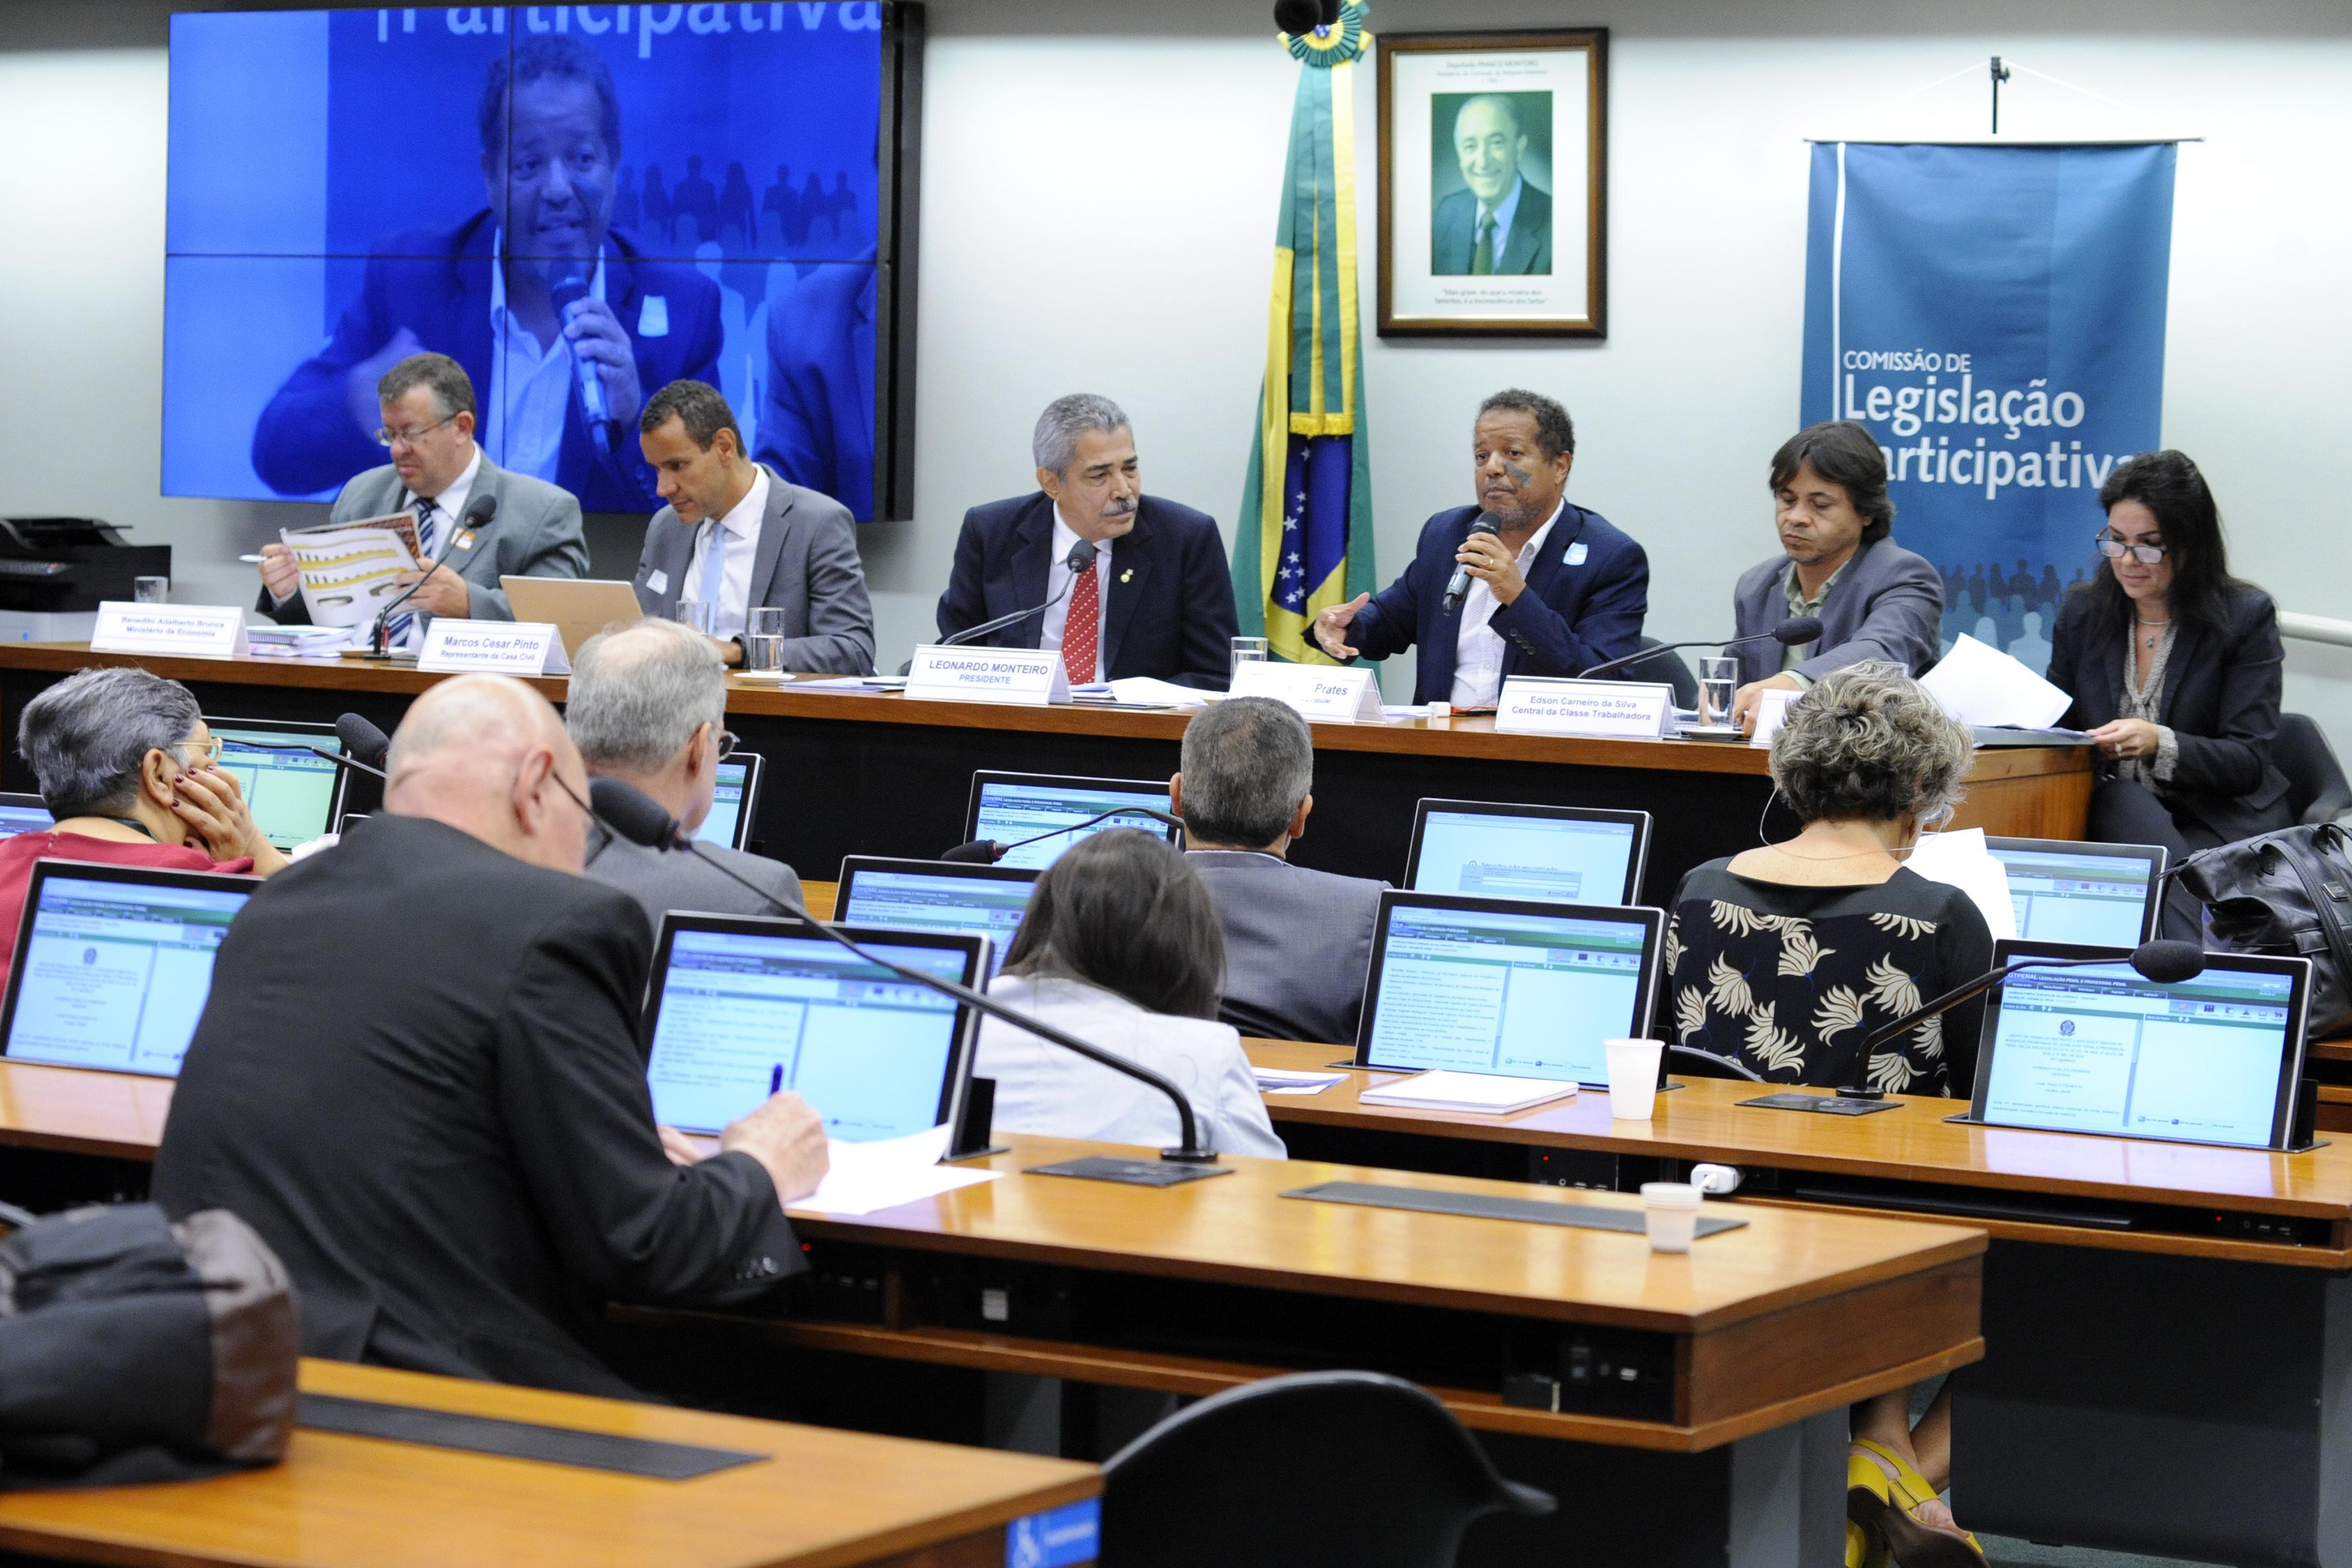 Audiência pública sobre Benefícios Previdenciários (MP 871/19) e Contribuição Sindical (MP 873/2019)